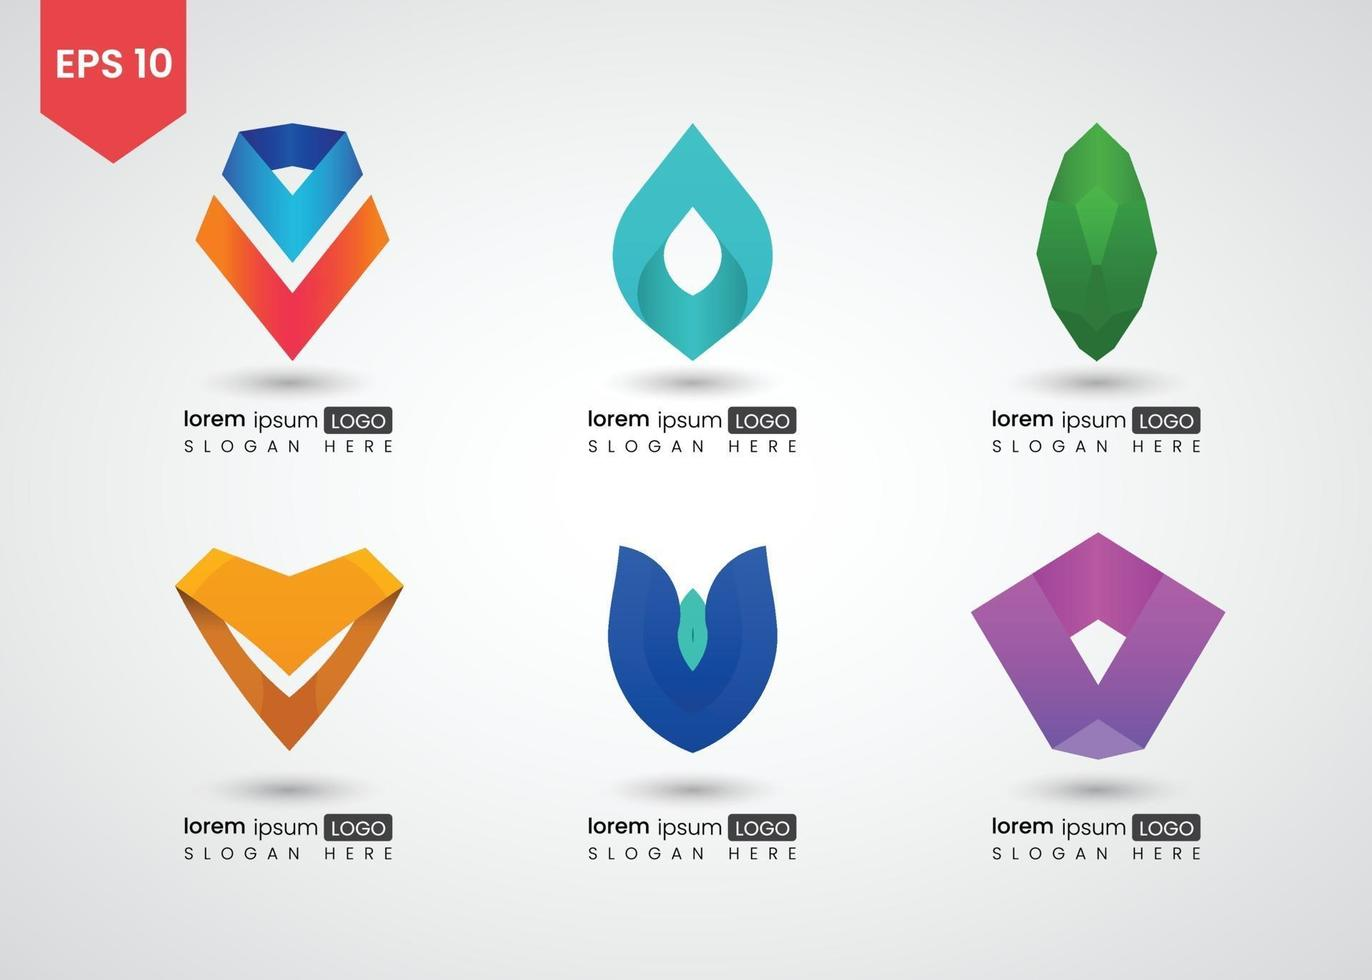 conjunto de ícones e ilustração vetorial gradiente brilhante de logotipo vetor